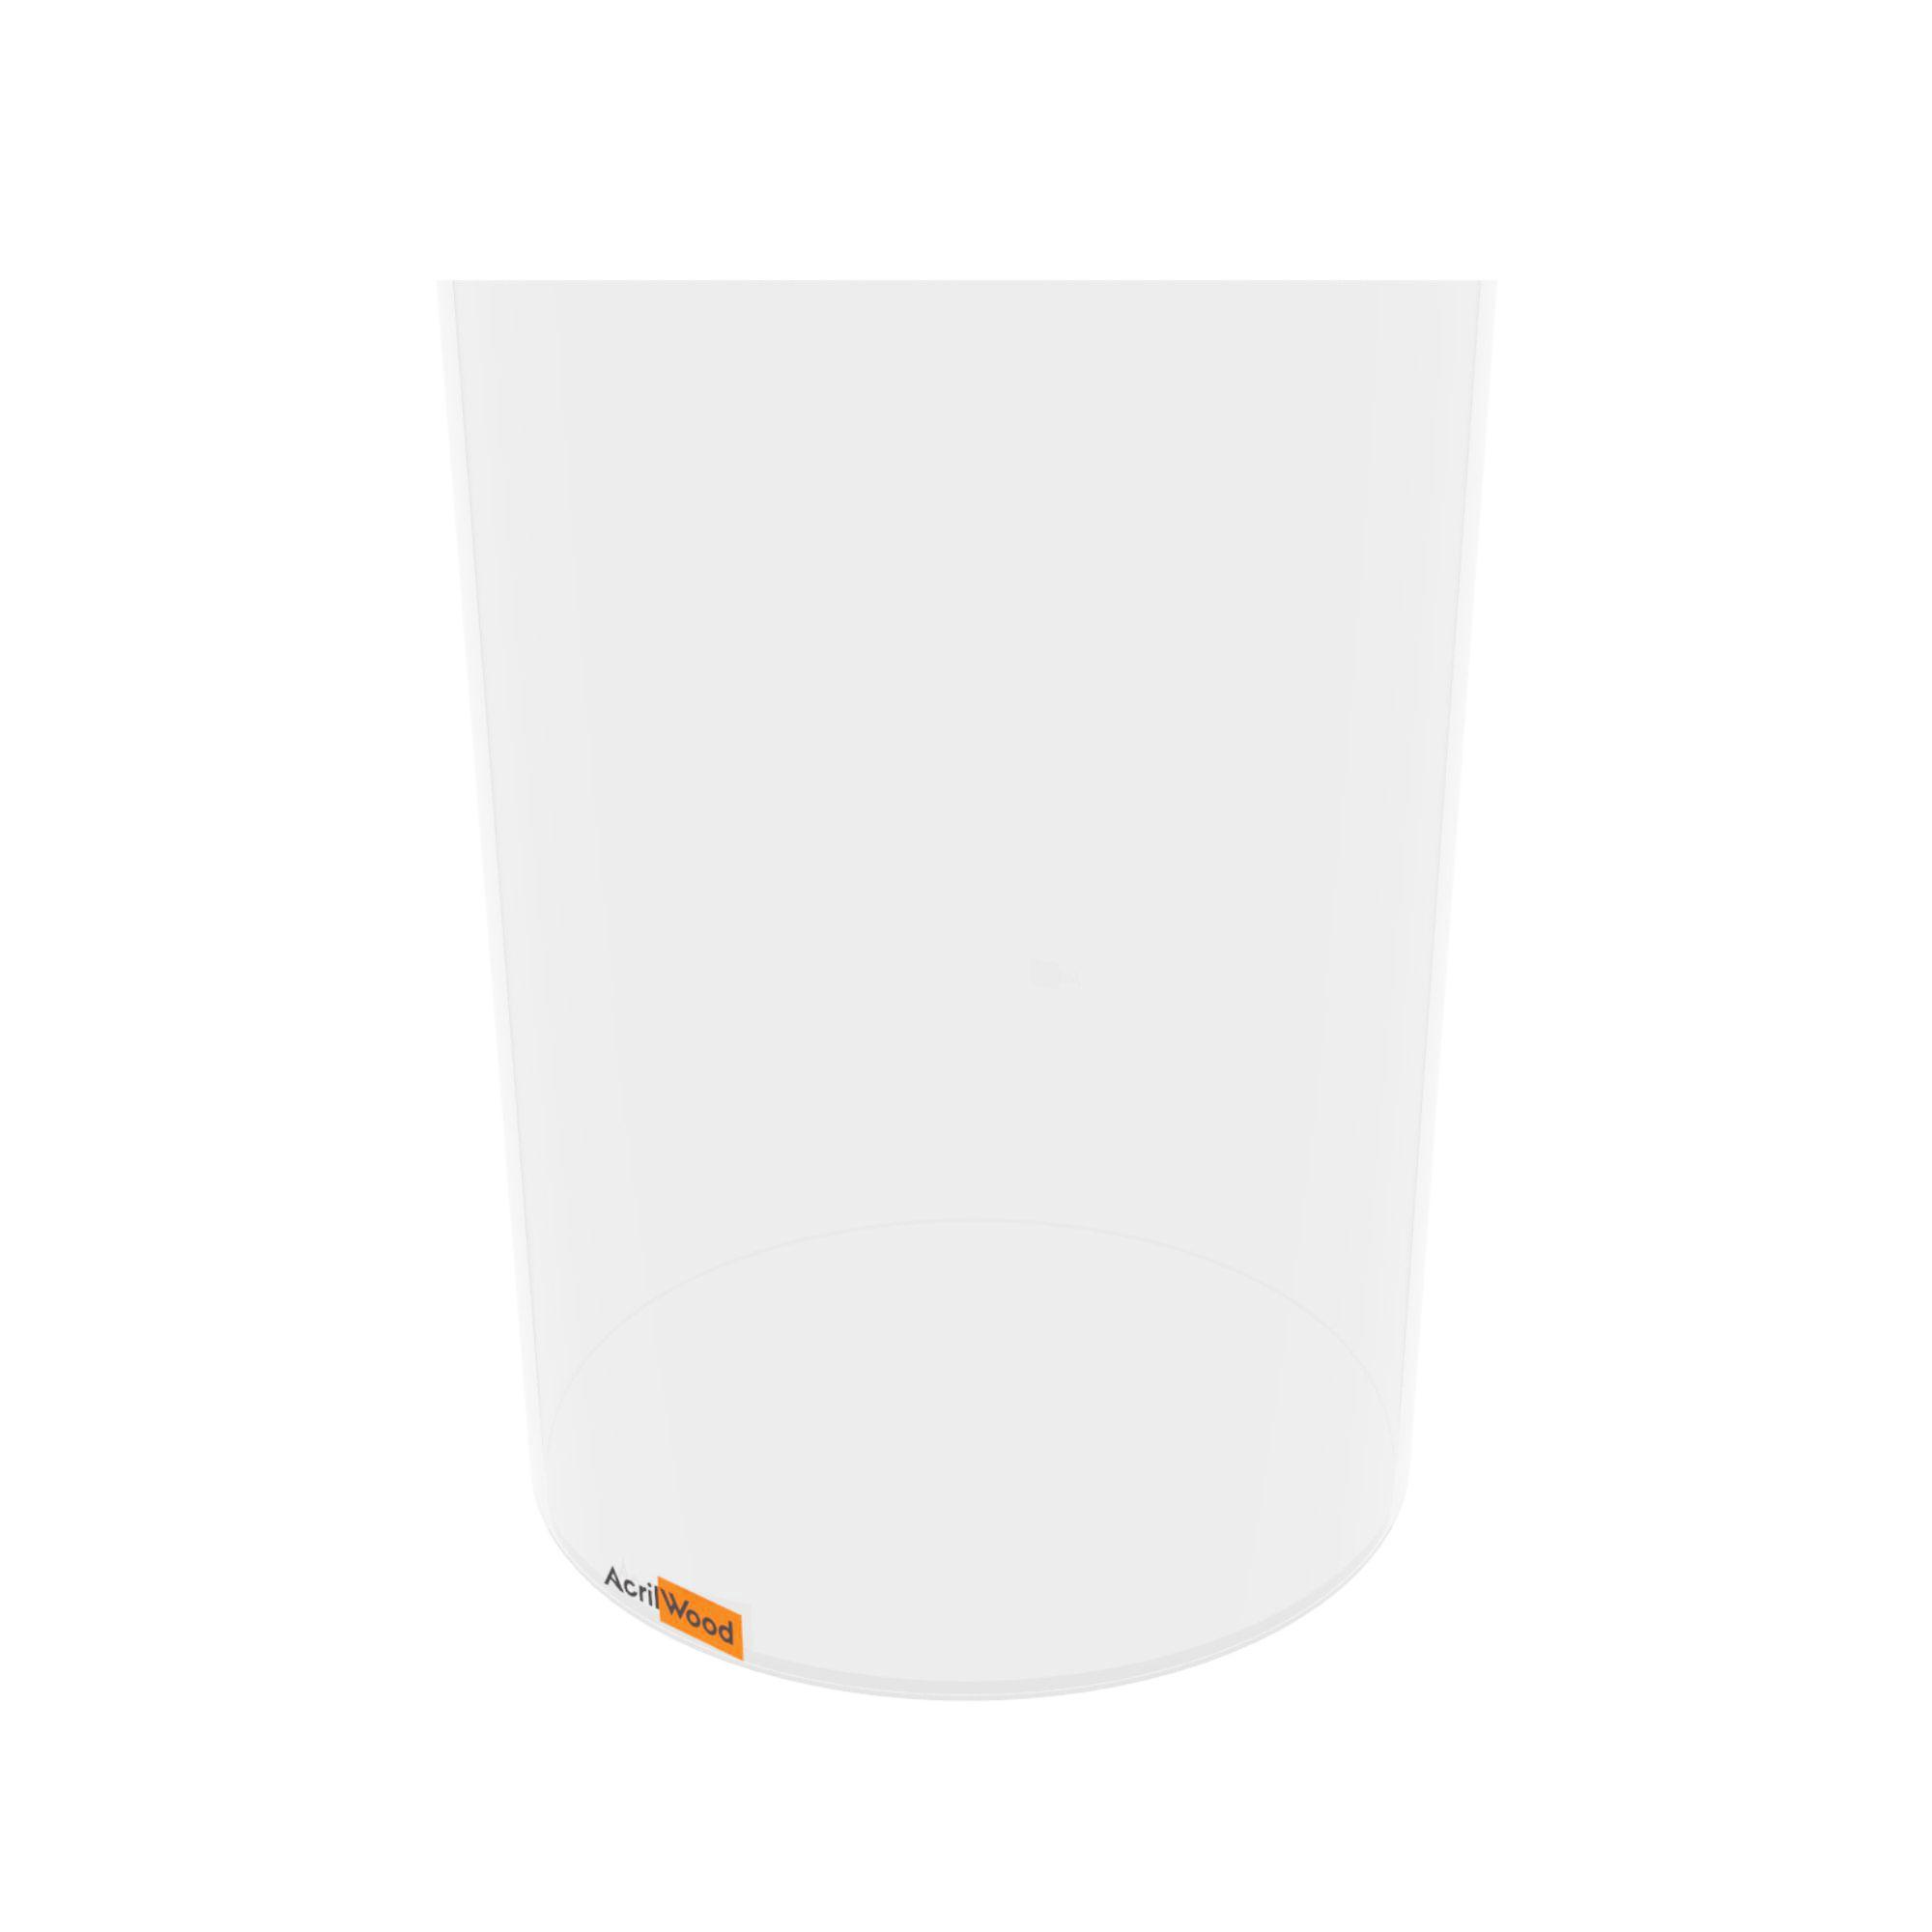 Caixa Redonda Em Acrílico Cristal - 20x25cm